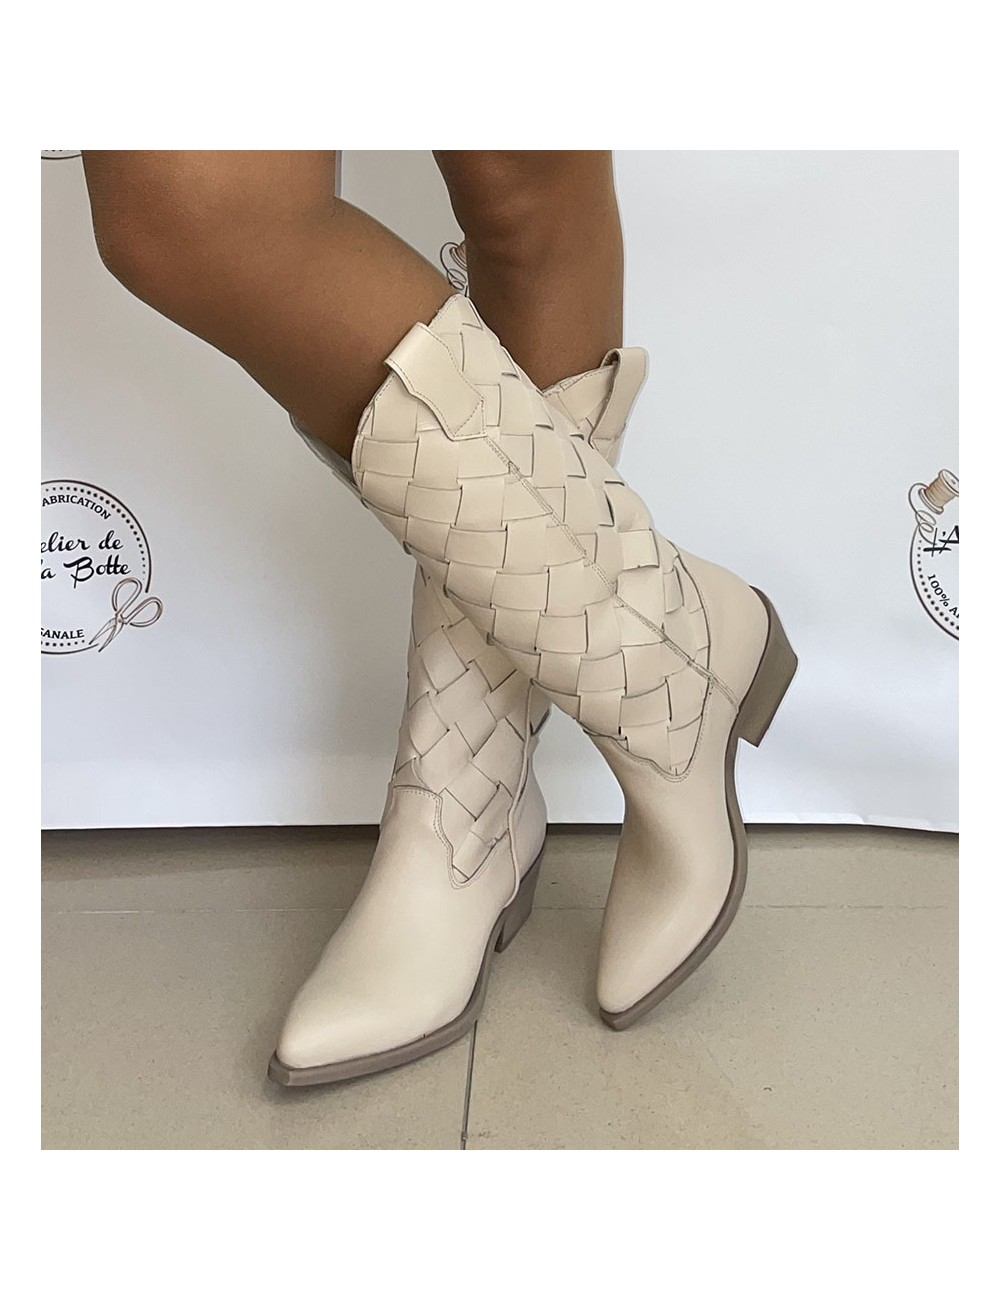 Bottes cowboy cuir beige femme - Accessoires pour chaussures